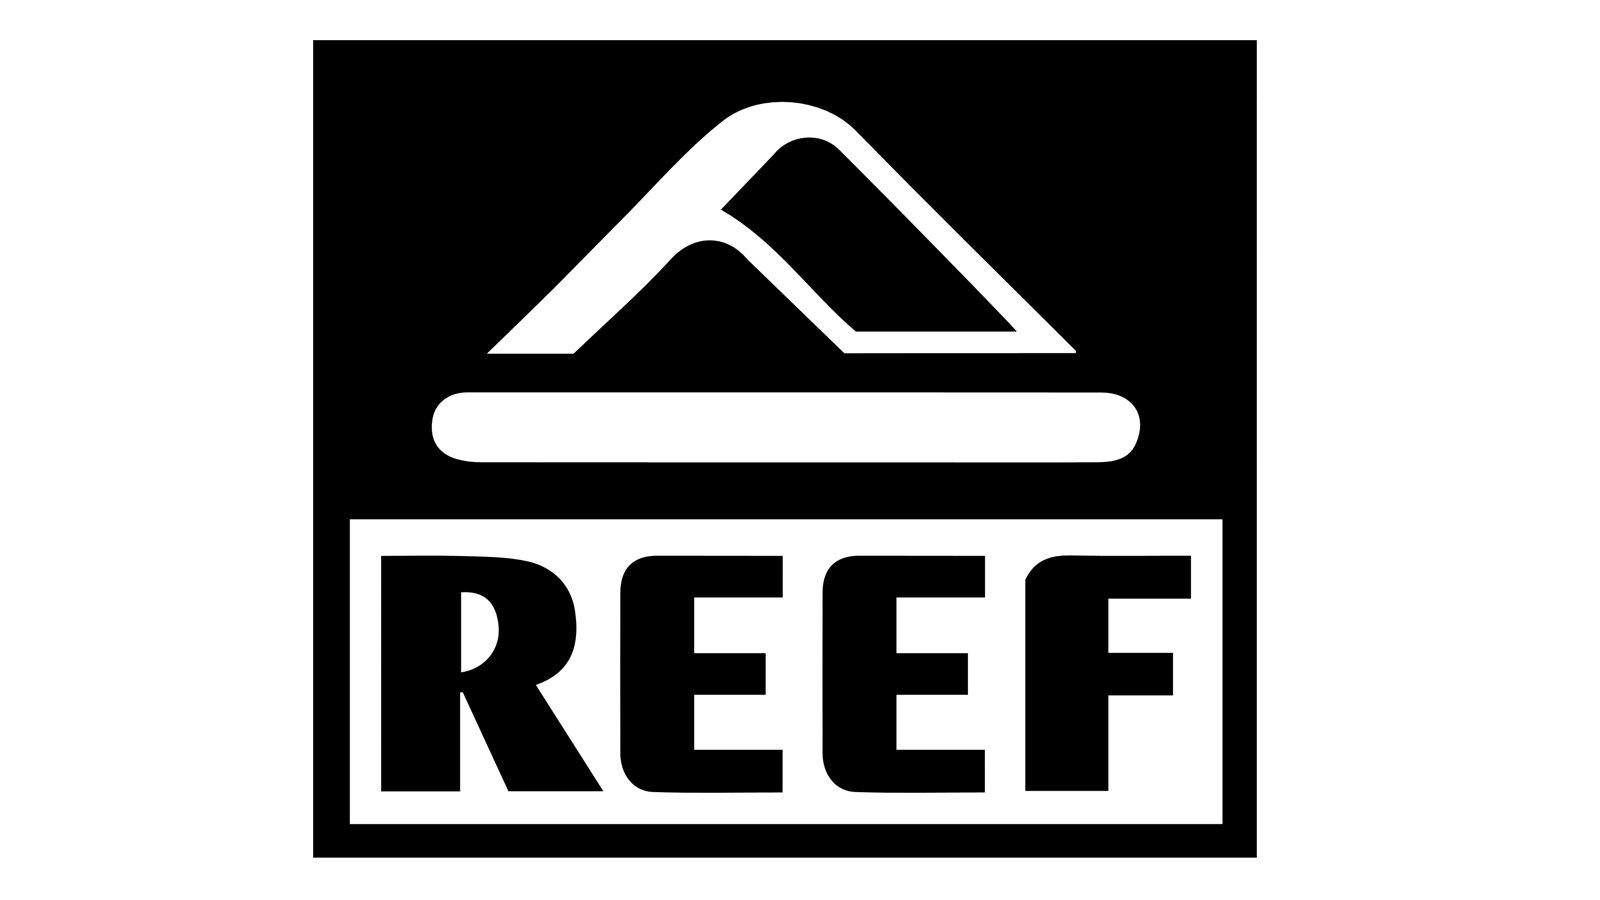 media/image/Reef.jpg